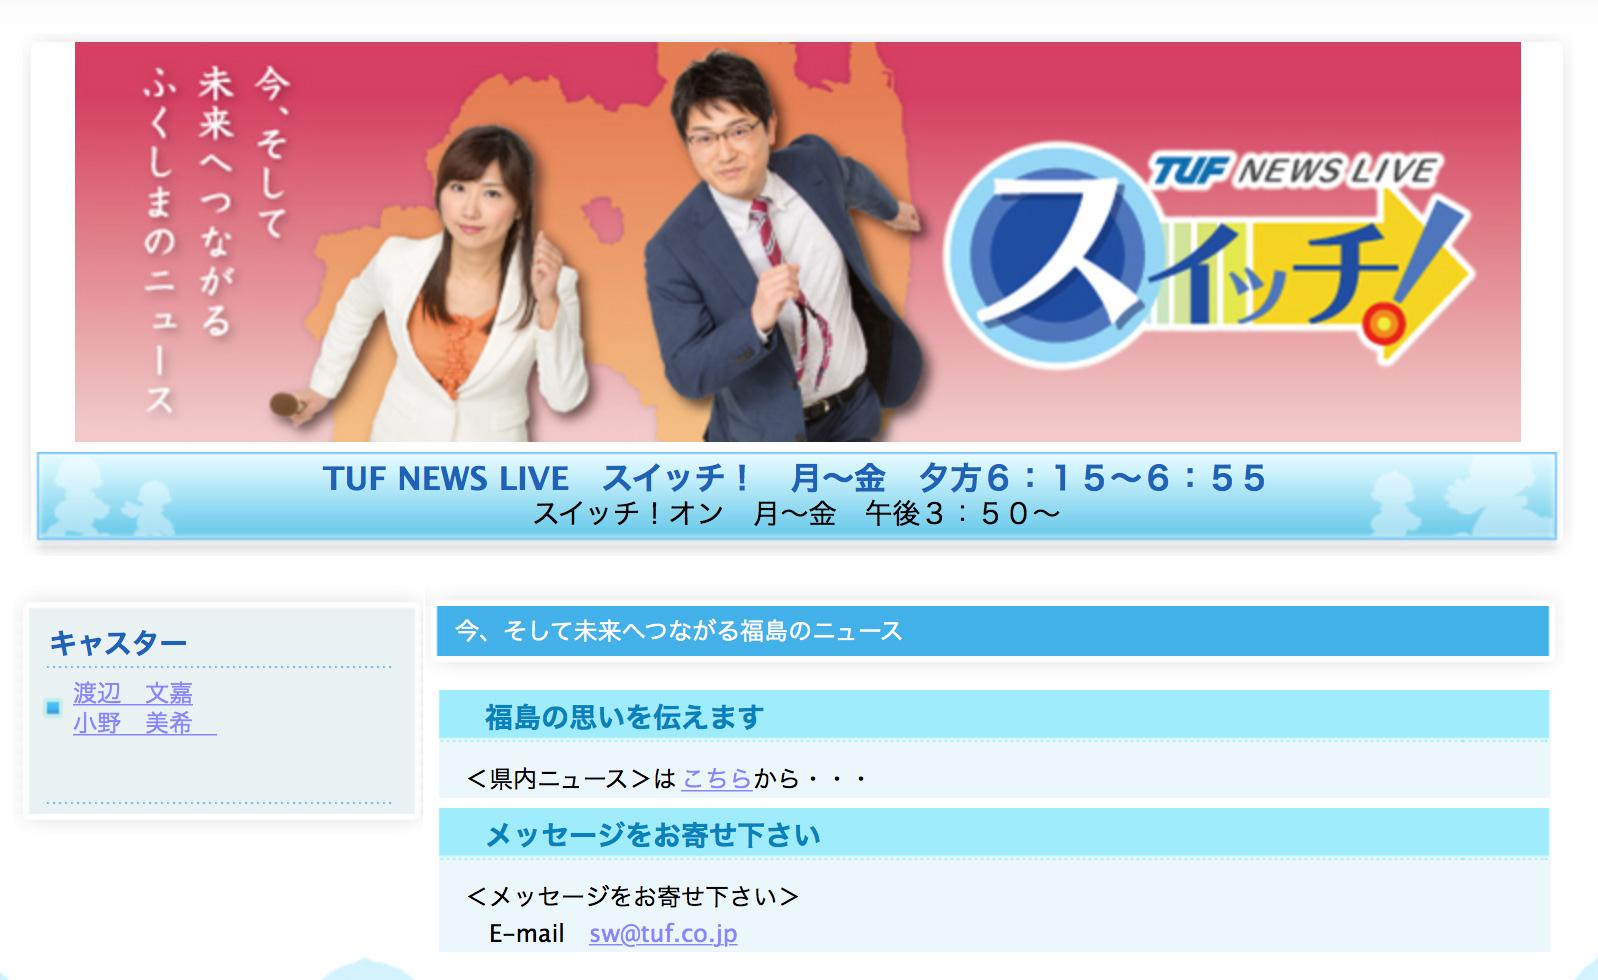 【盆フェス!】8/12(金) TUF テレビユー福島『スイッチ』(18:15〜)にて盆フェスの模様が流れるそうですよ!?